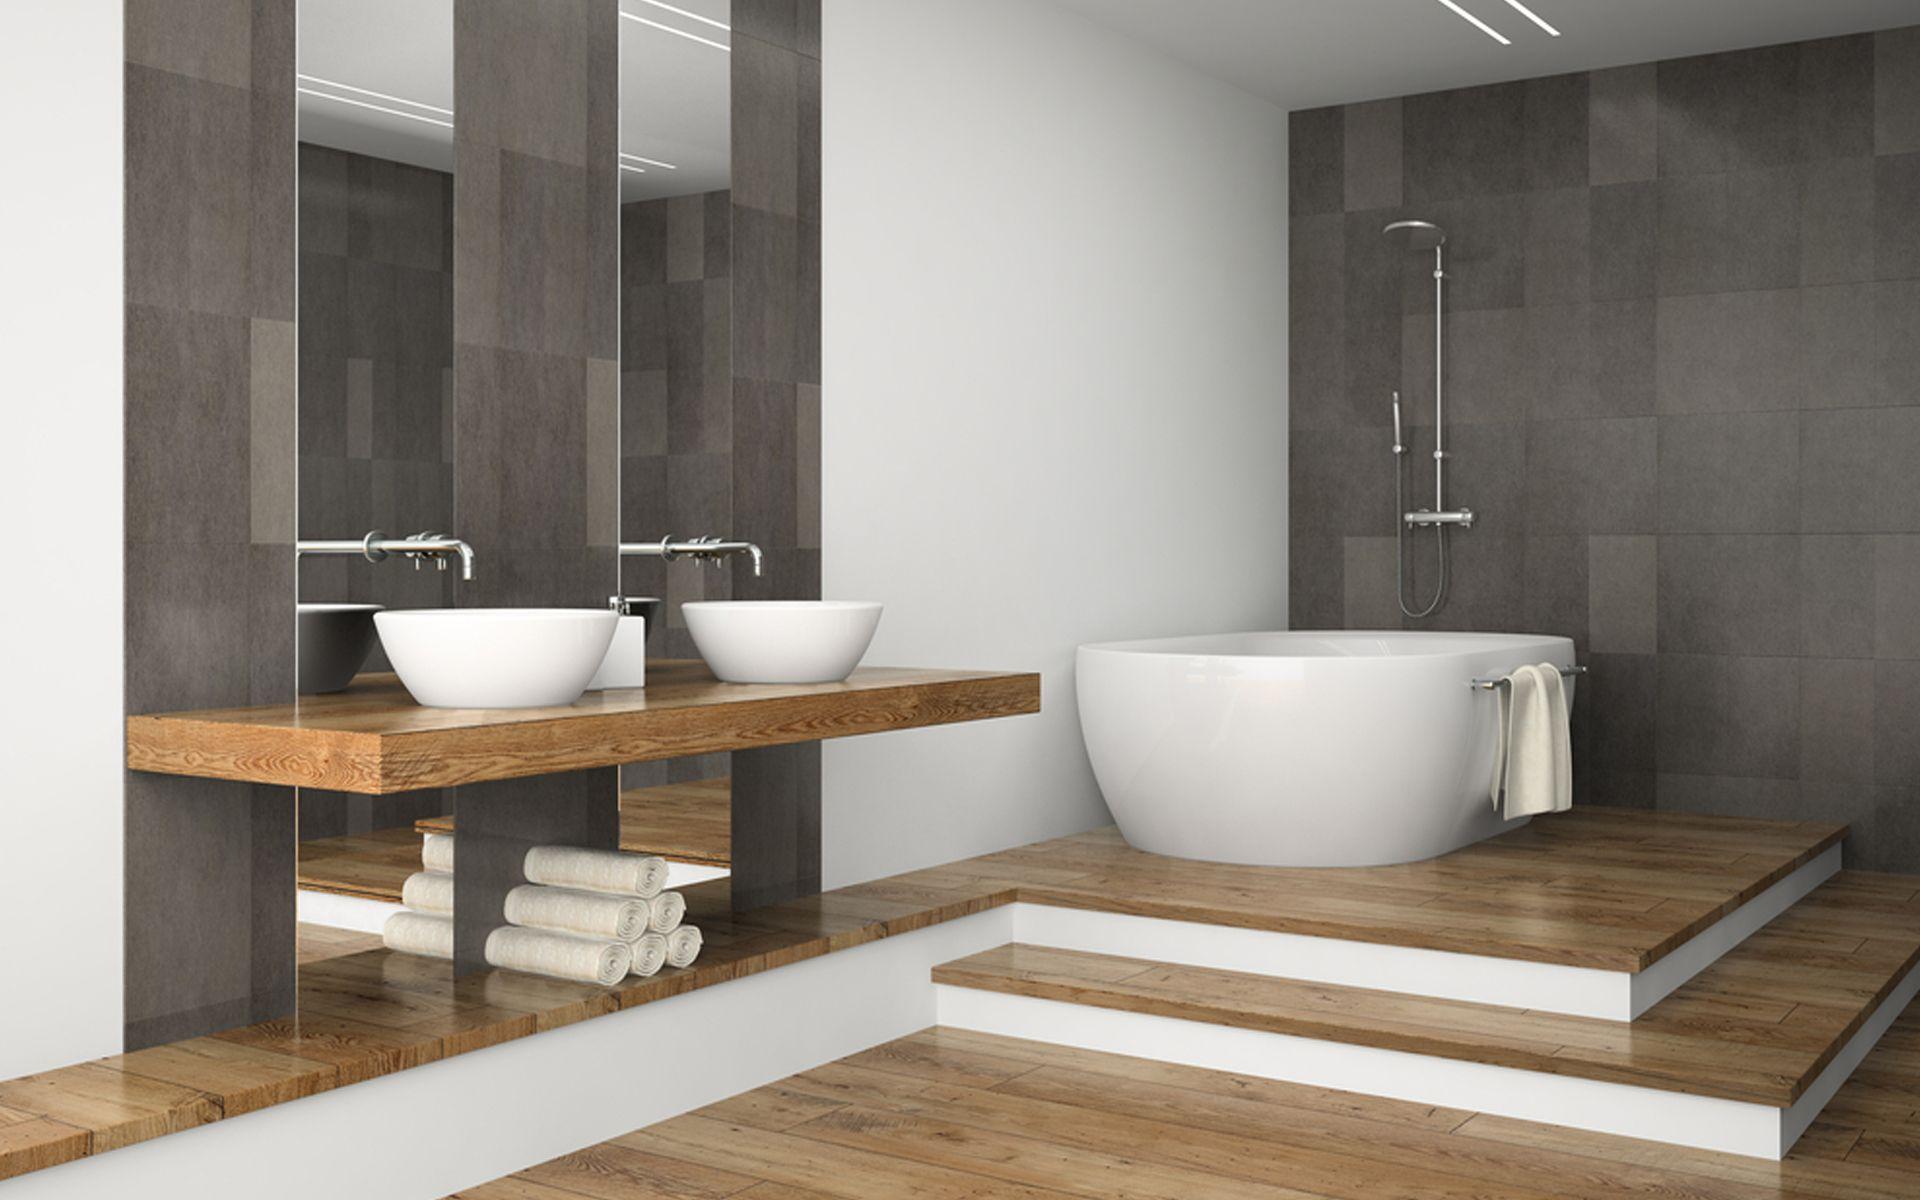 Combinatie van hout met wit en grijs en het opstapje naar bad